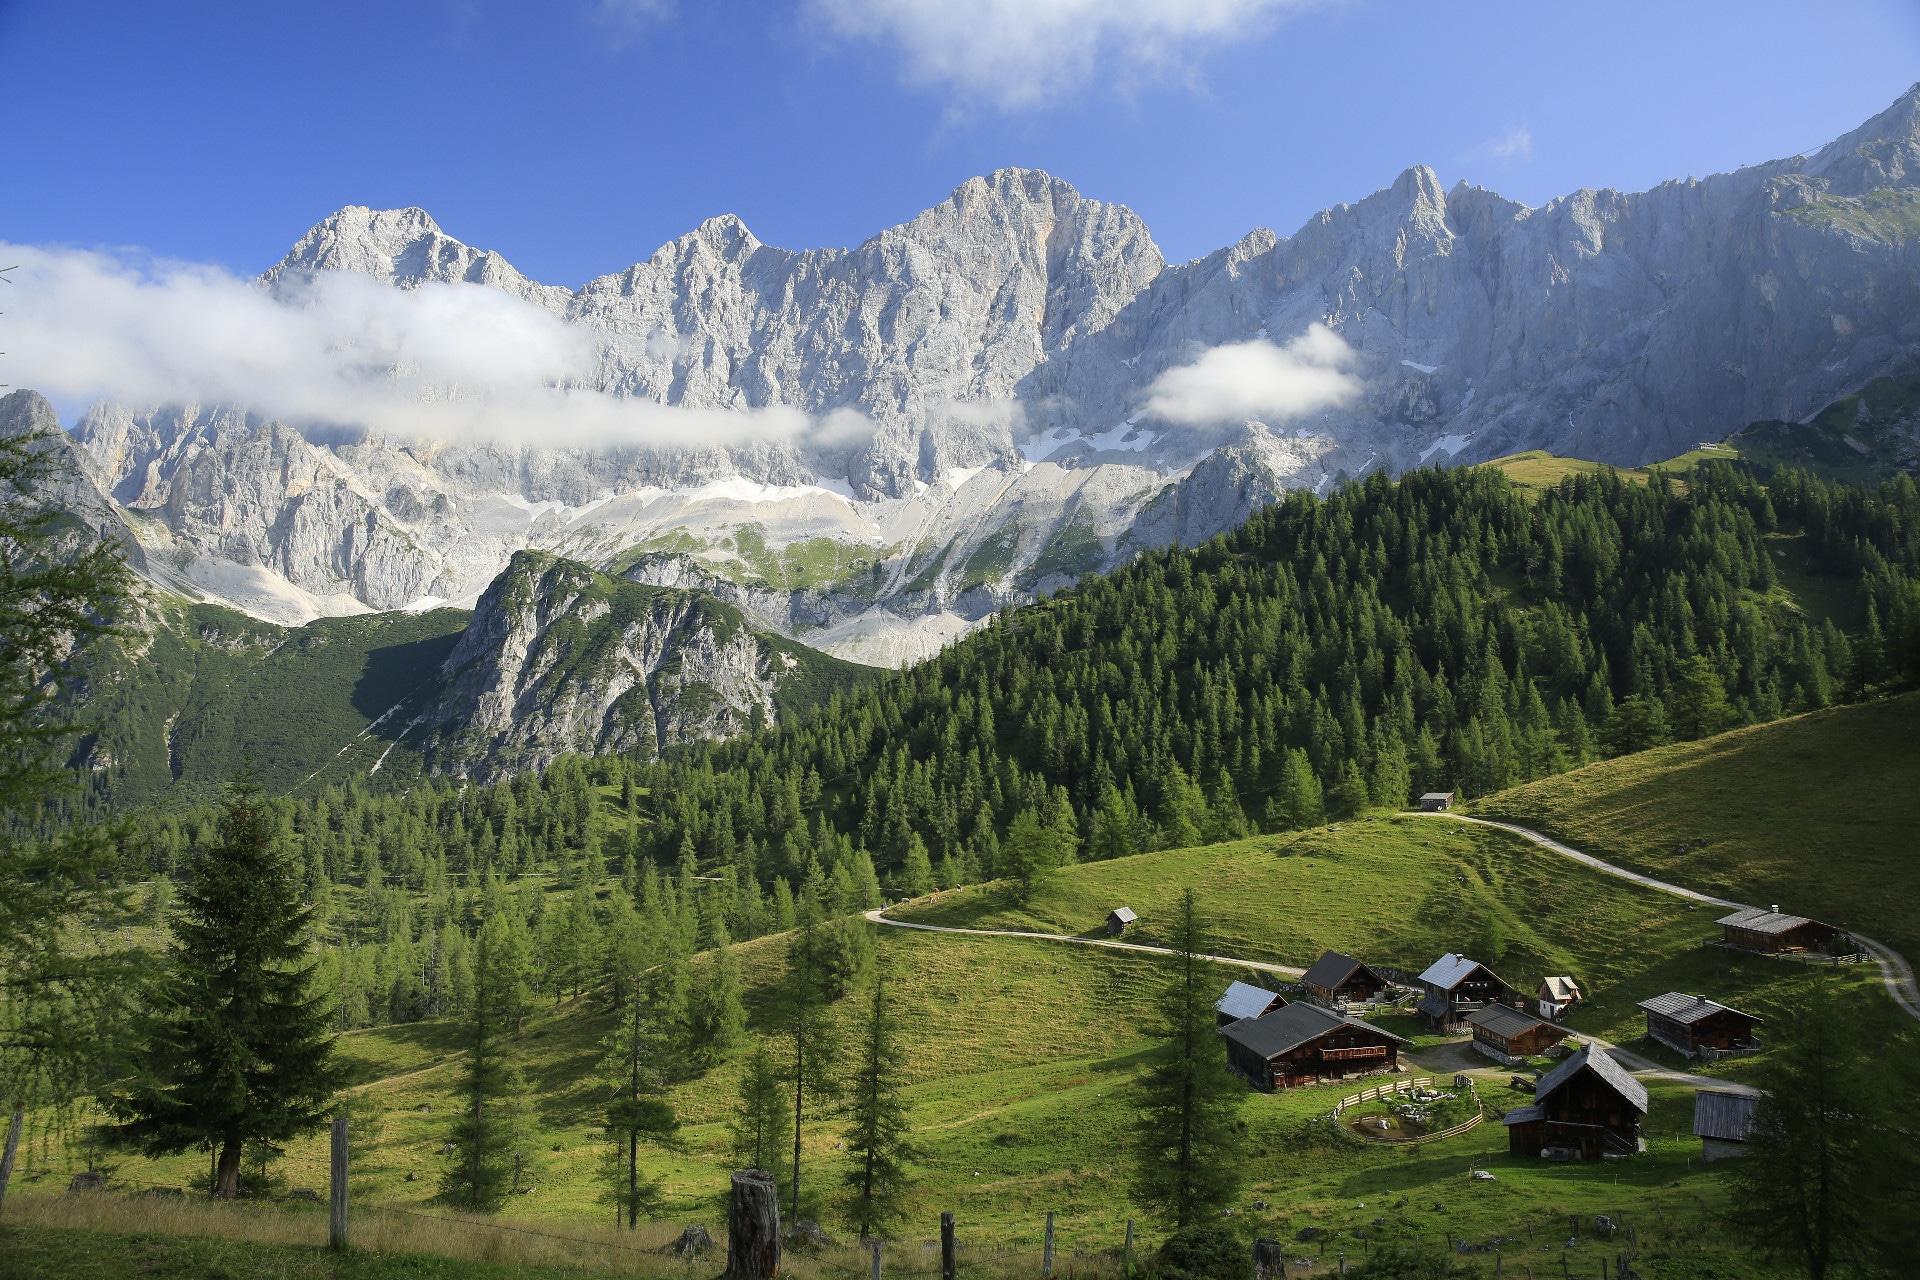 Wandern, Mountainbiken, Bergsteigen - Bergschlößl Ramsau am Dachstein